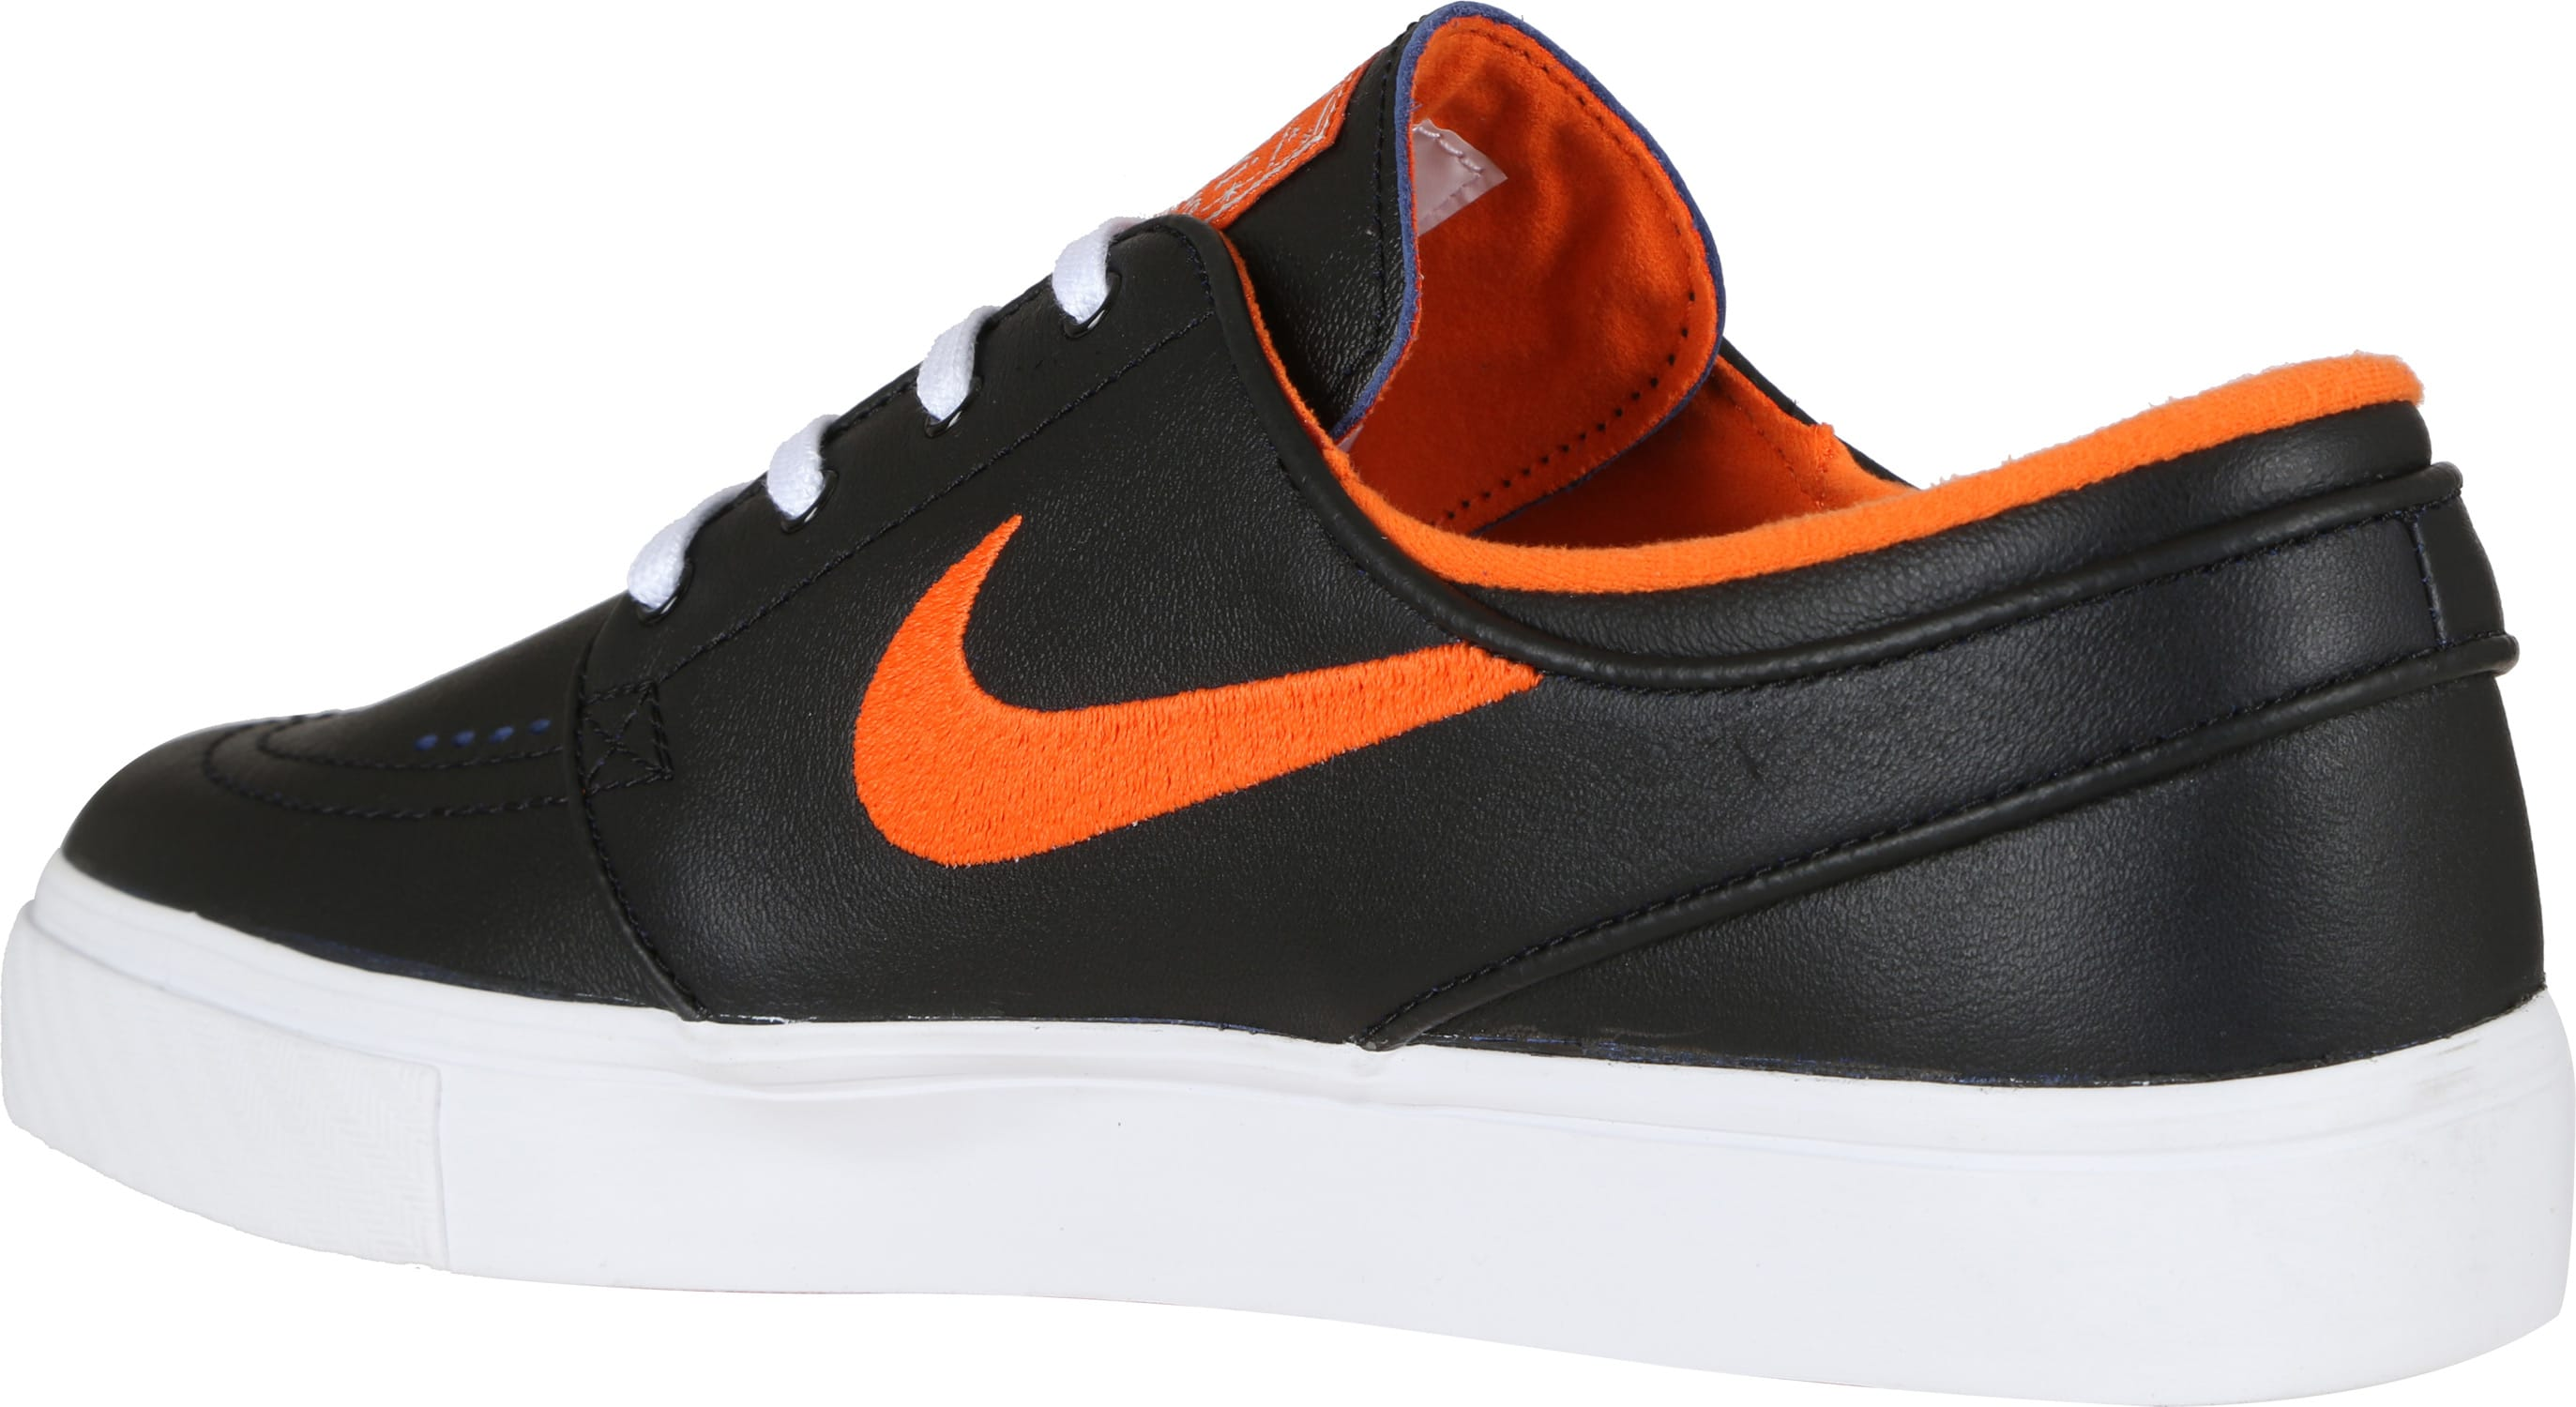 760a0e0a73a6b Nike SB Zoom Stefan Janoski NBA Skate Shoes - thumbnail 3